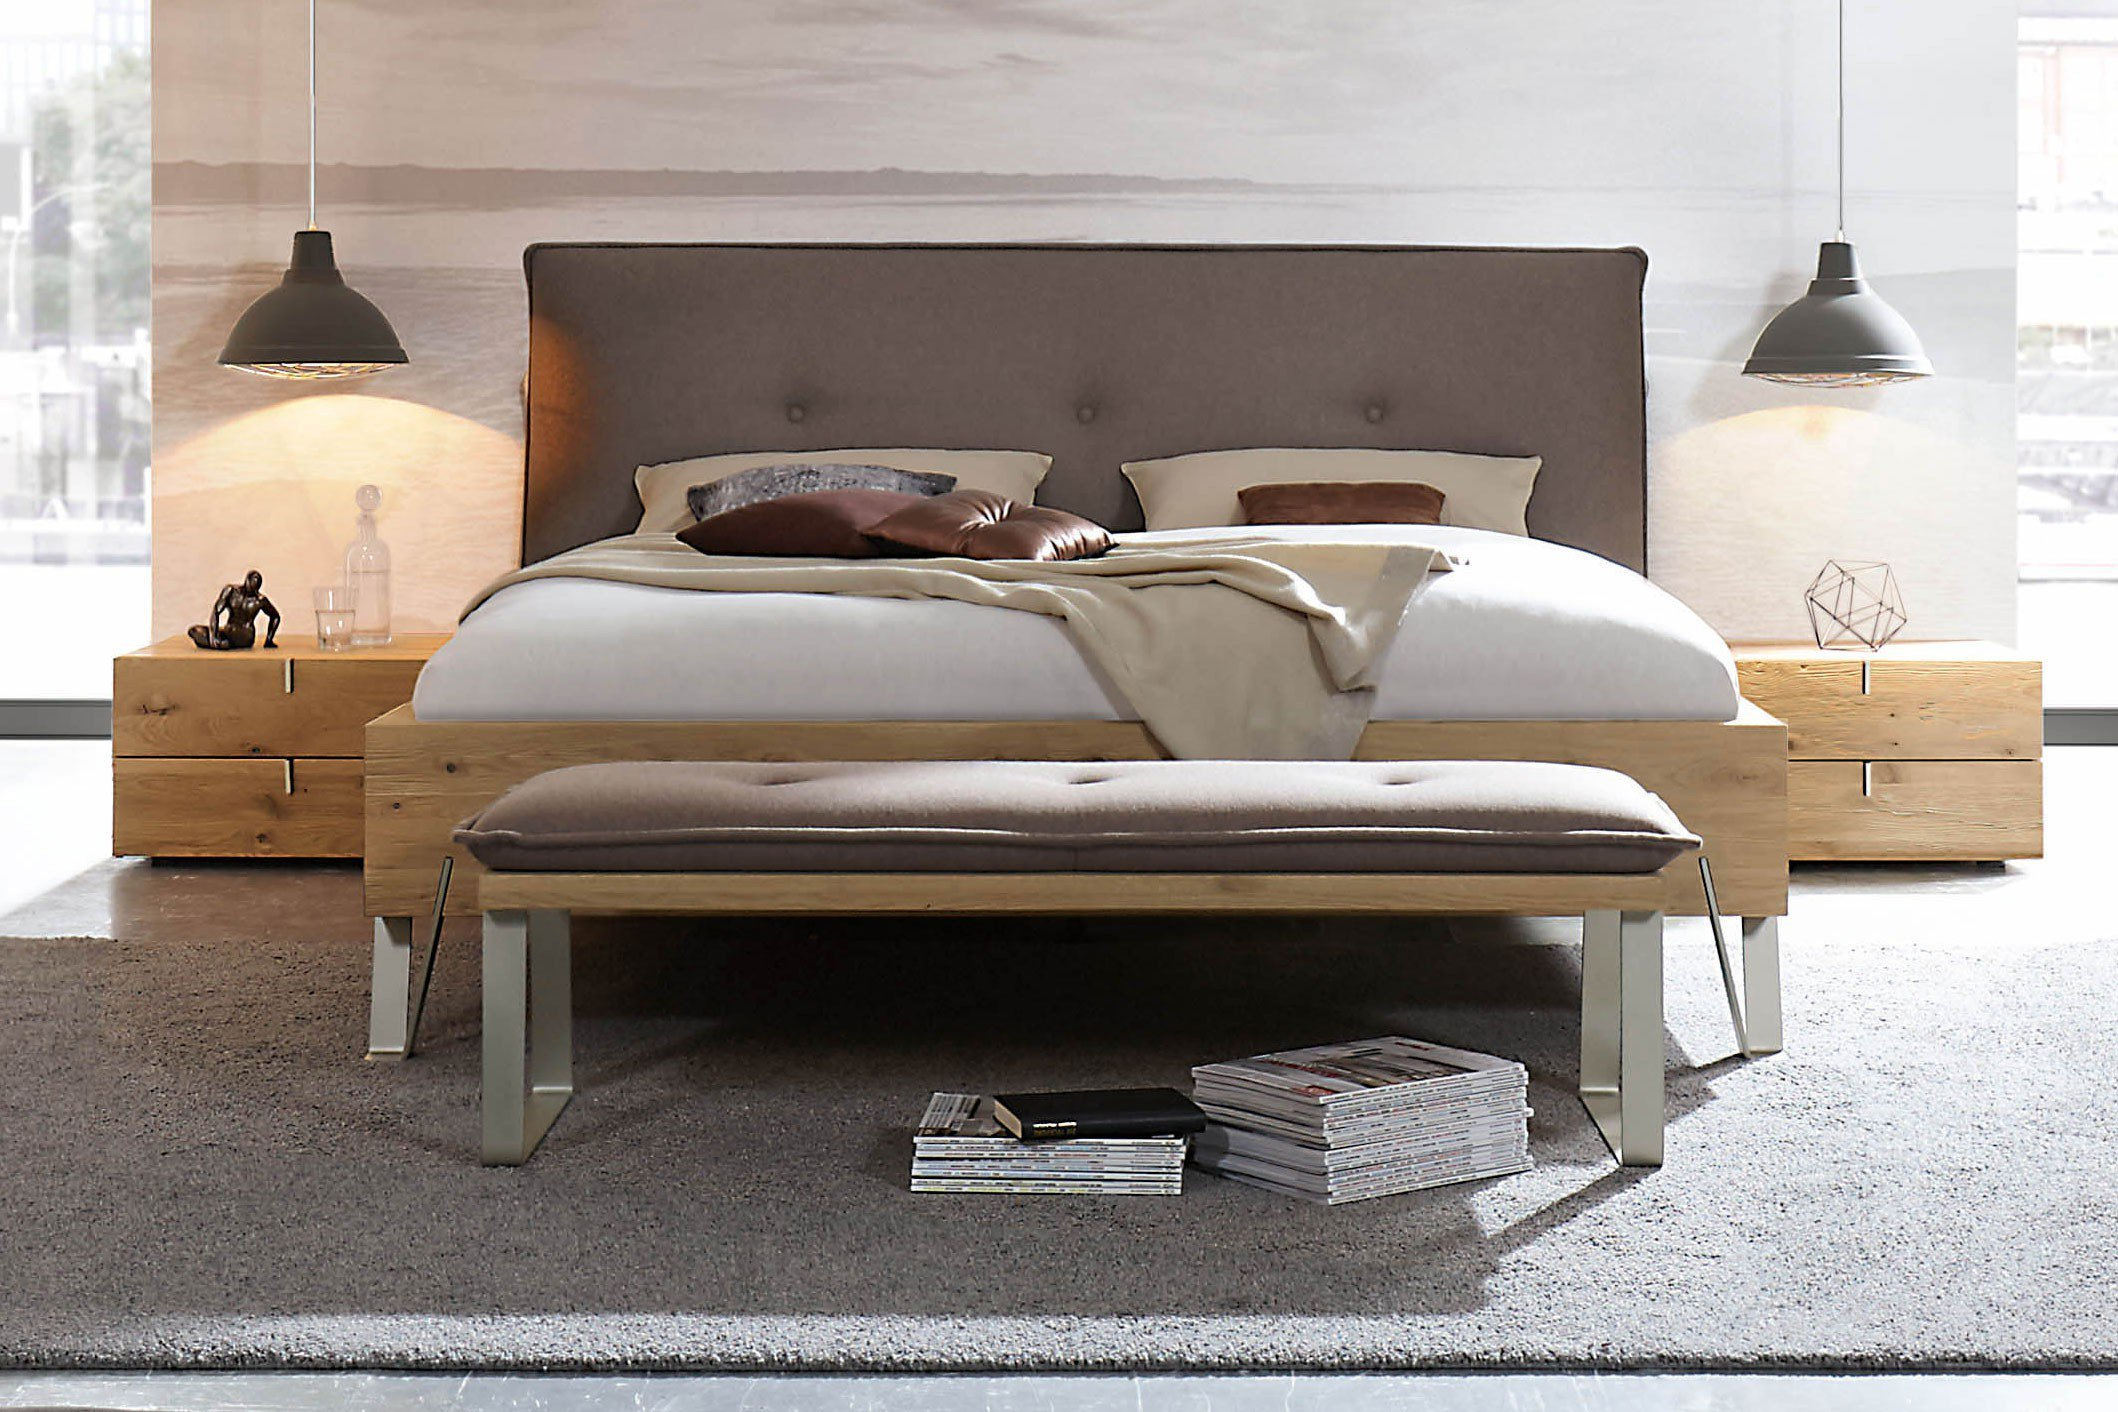 Full Size of Betten 200x220 Thielemeyer Bett Cubo Wildeiche Mbel Letz Ihr Online Shop Dico 140x200 Weiß Boxspring Bonprix 160x200 Runde Amazon 180x200 Mädchen überlänge Bett Betten 200x220